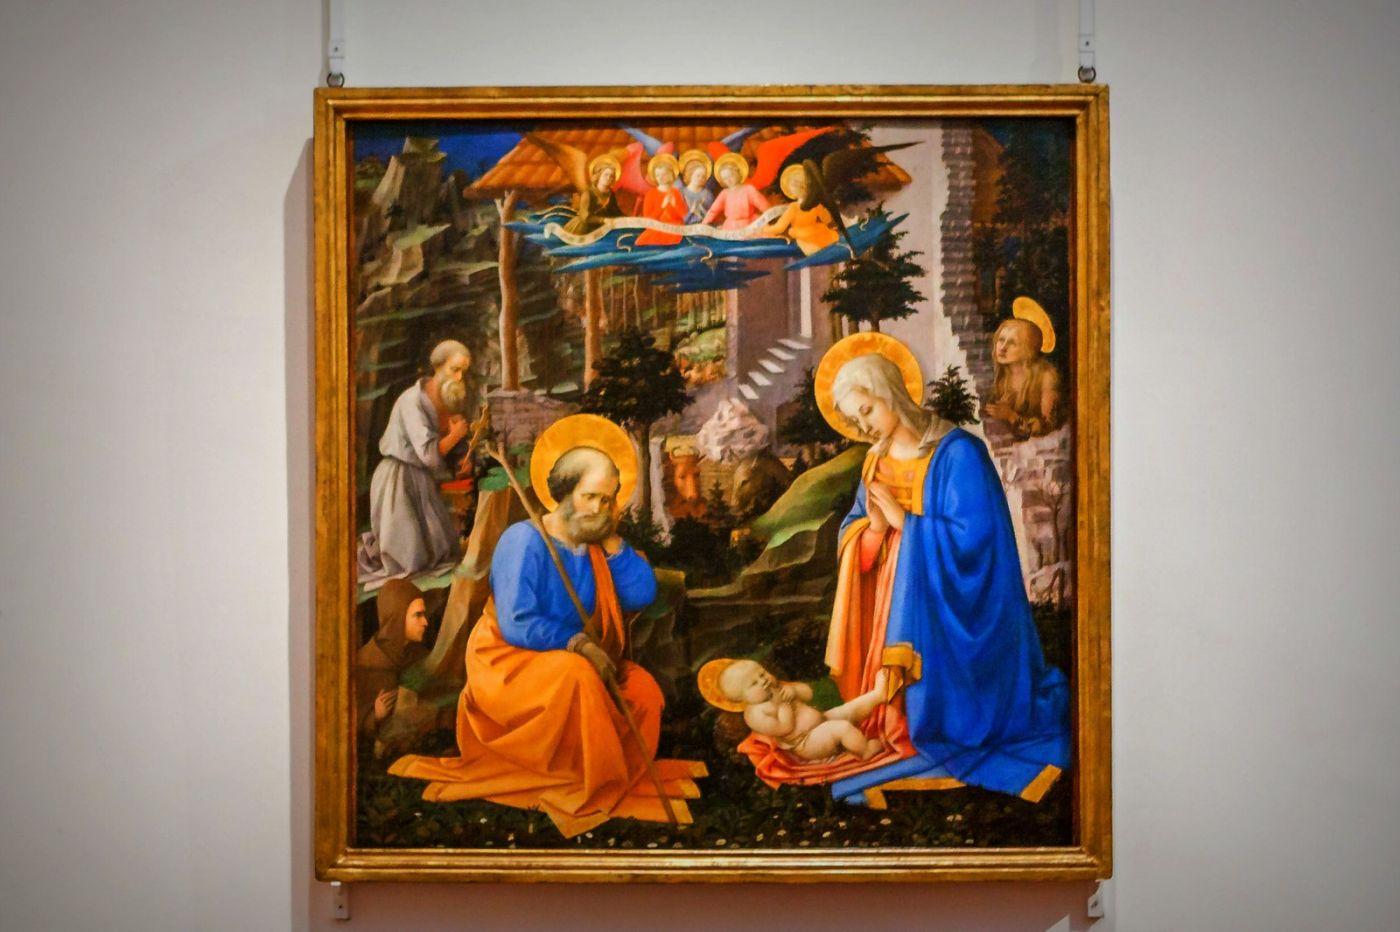 意大利佛罗伦斯乌菲兹美术馆, 目睹藏品_图1-30